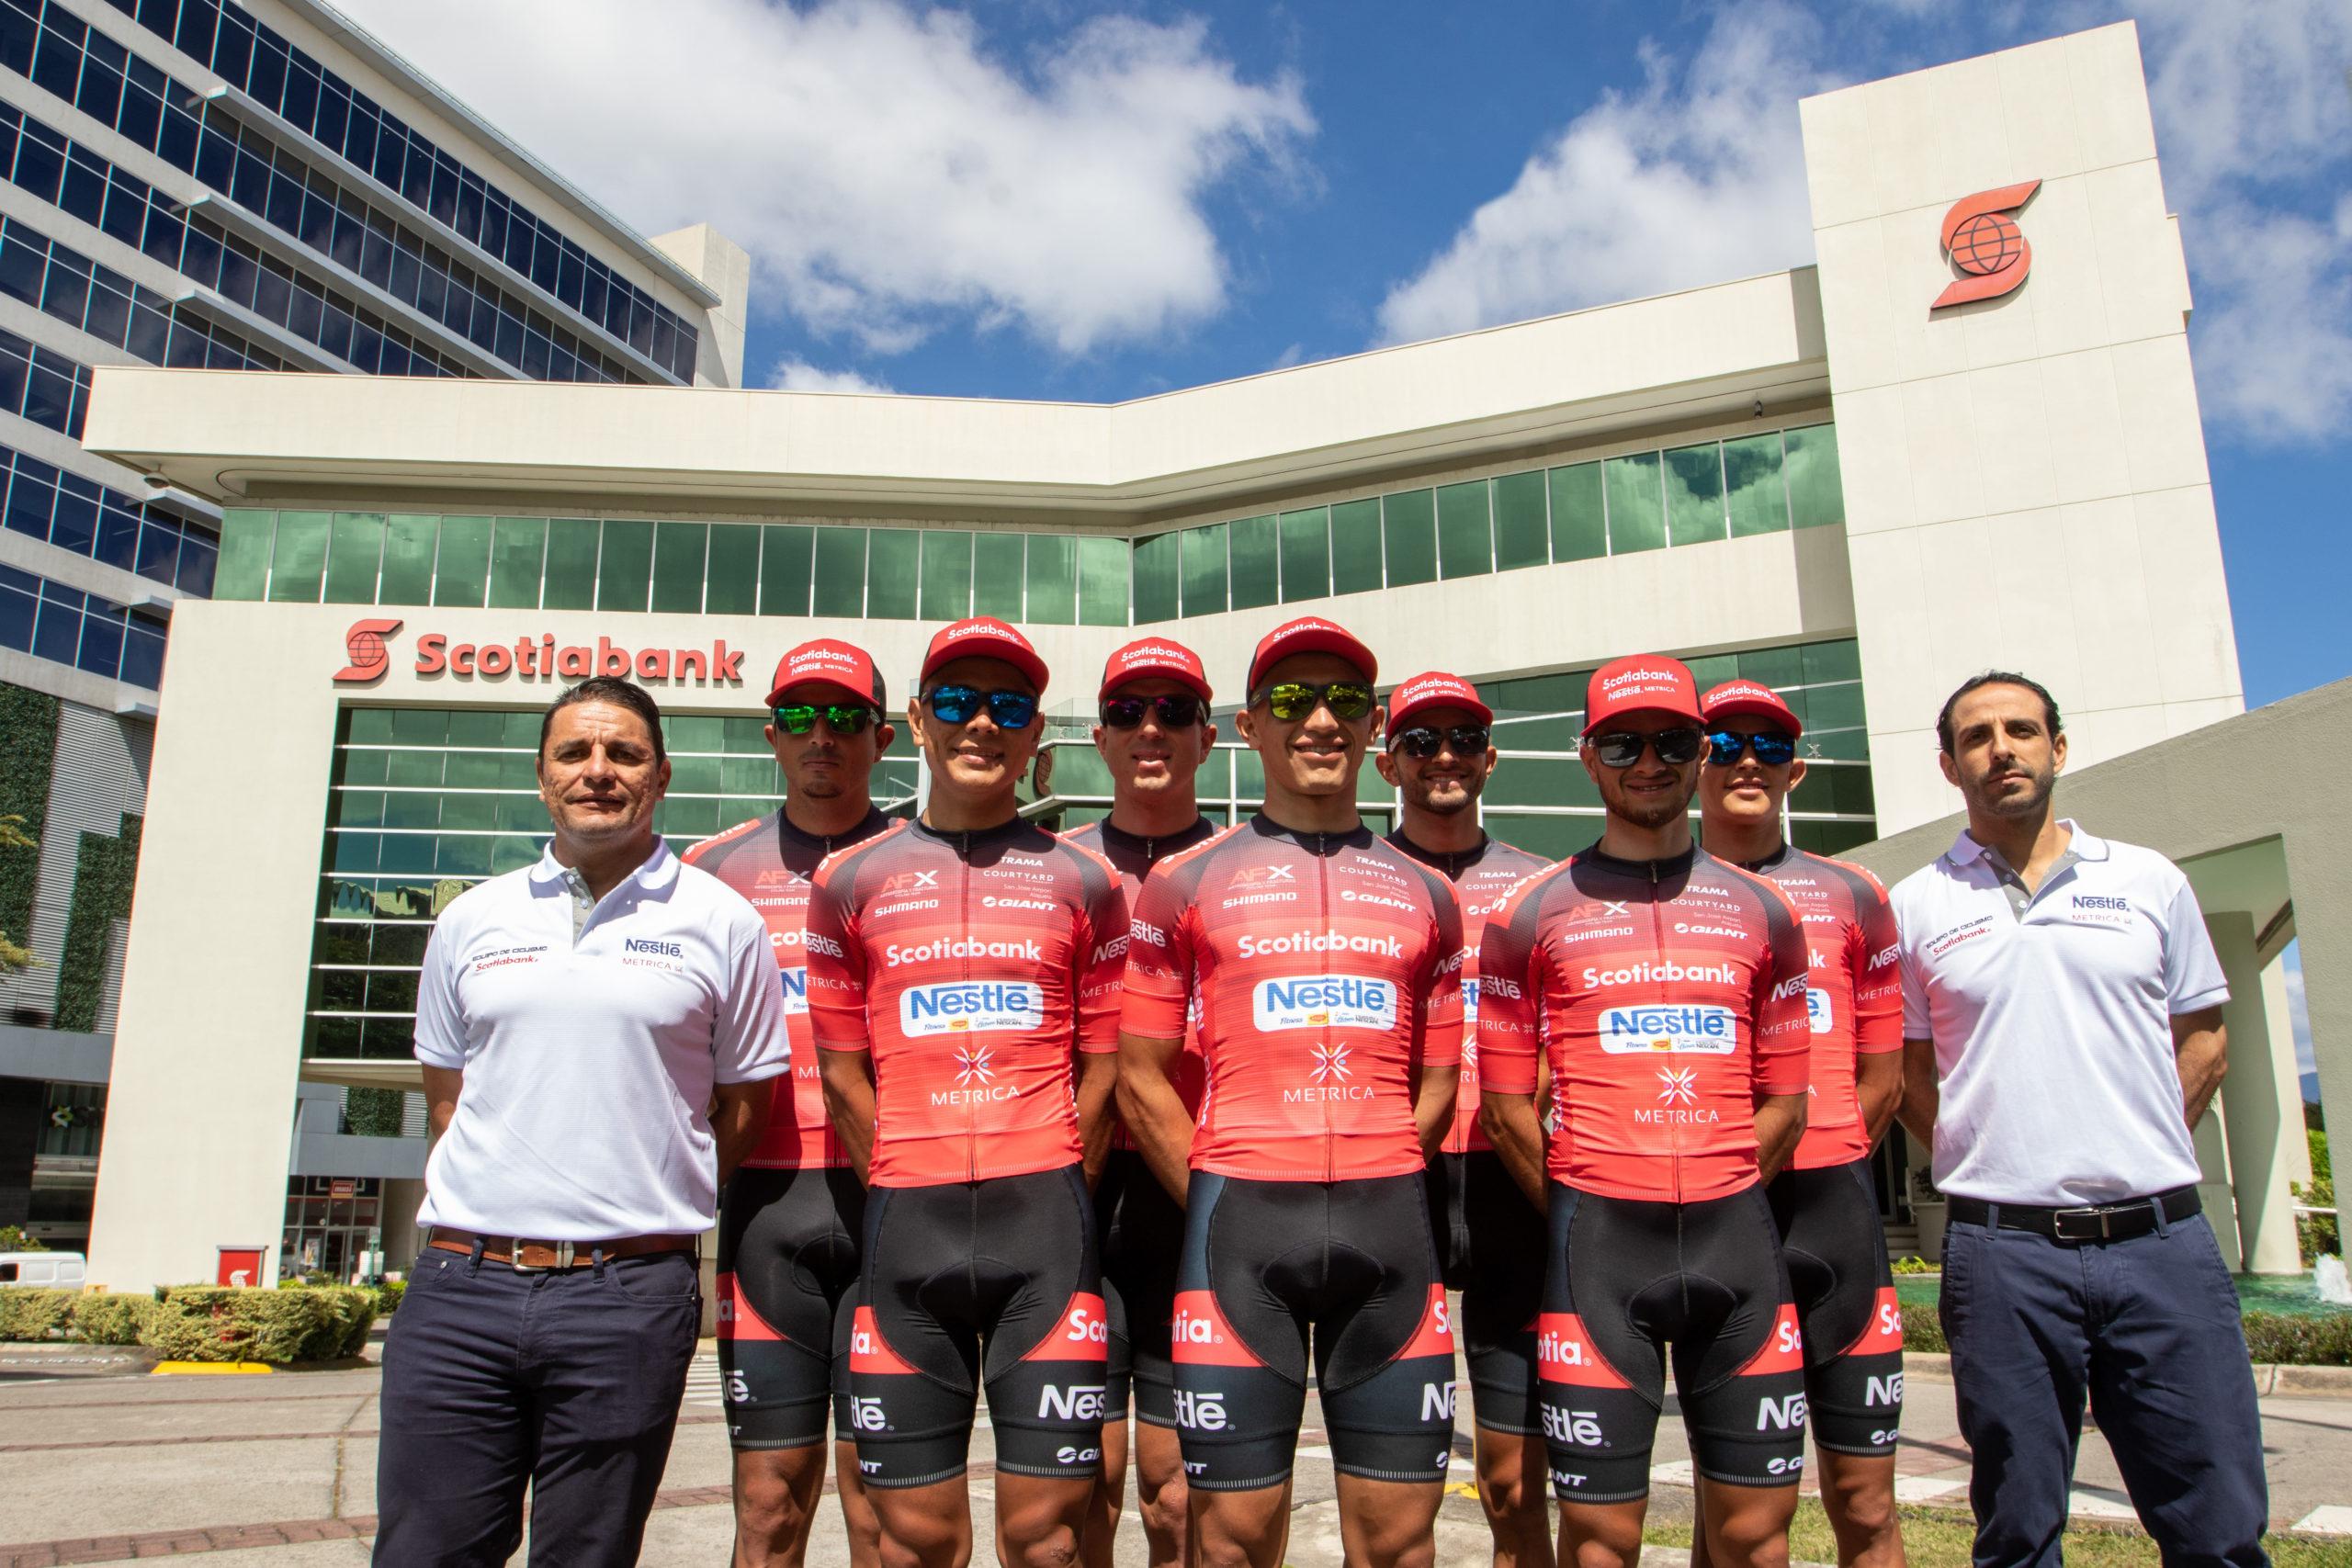 Scotiabank patrocinará al equipo campeón de la Vuelta a Costa Rica 2018.